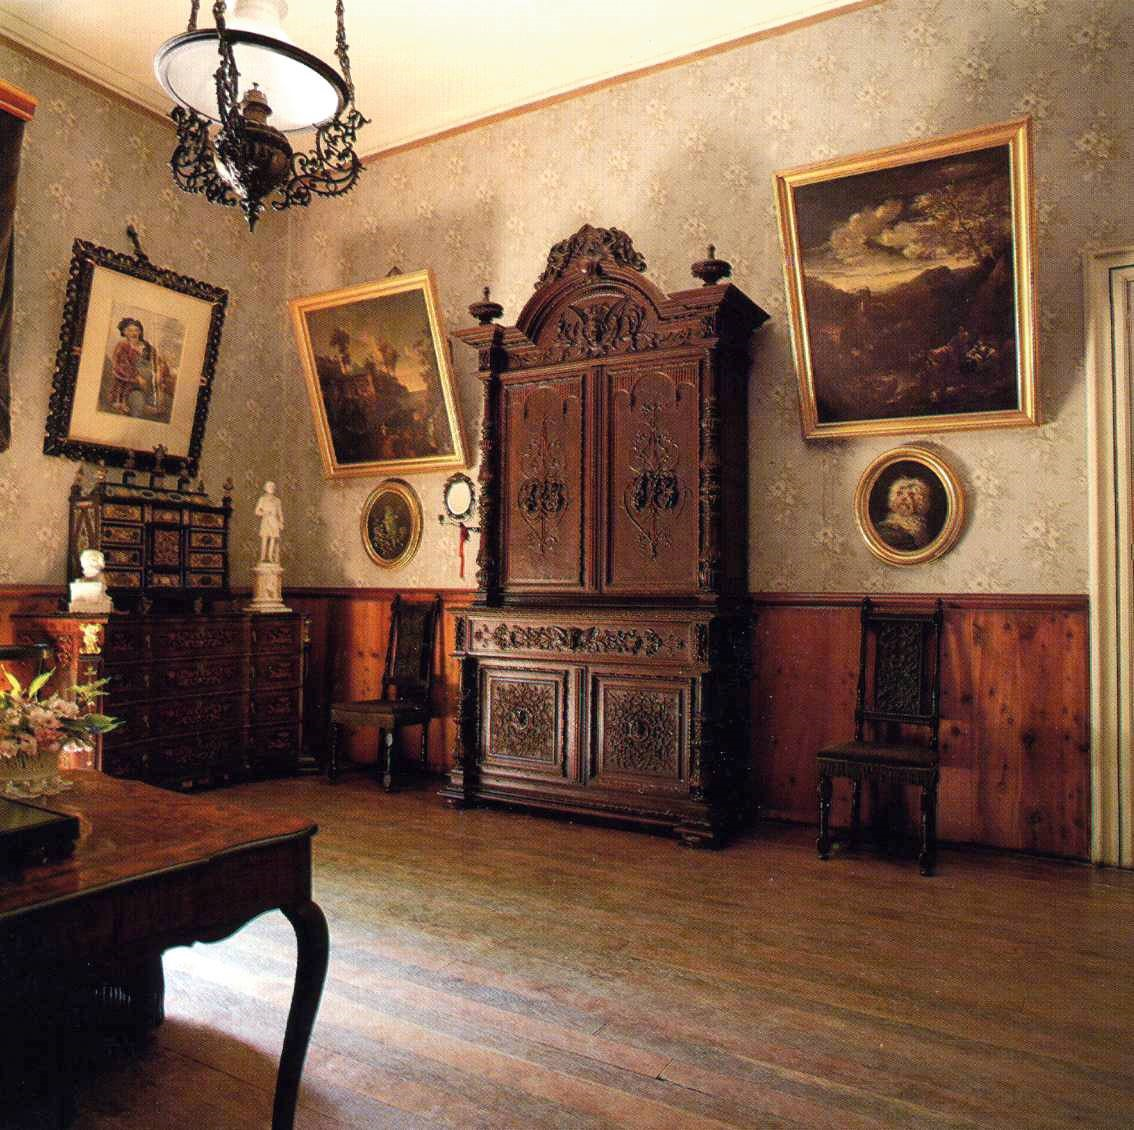 Giuseppe Verdi Room